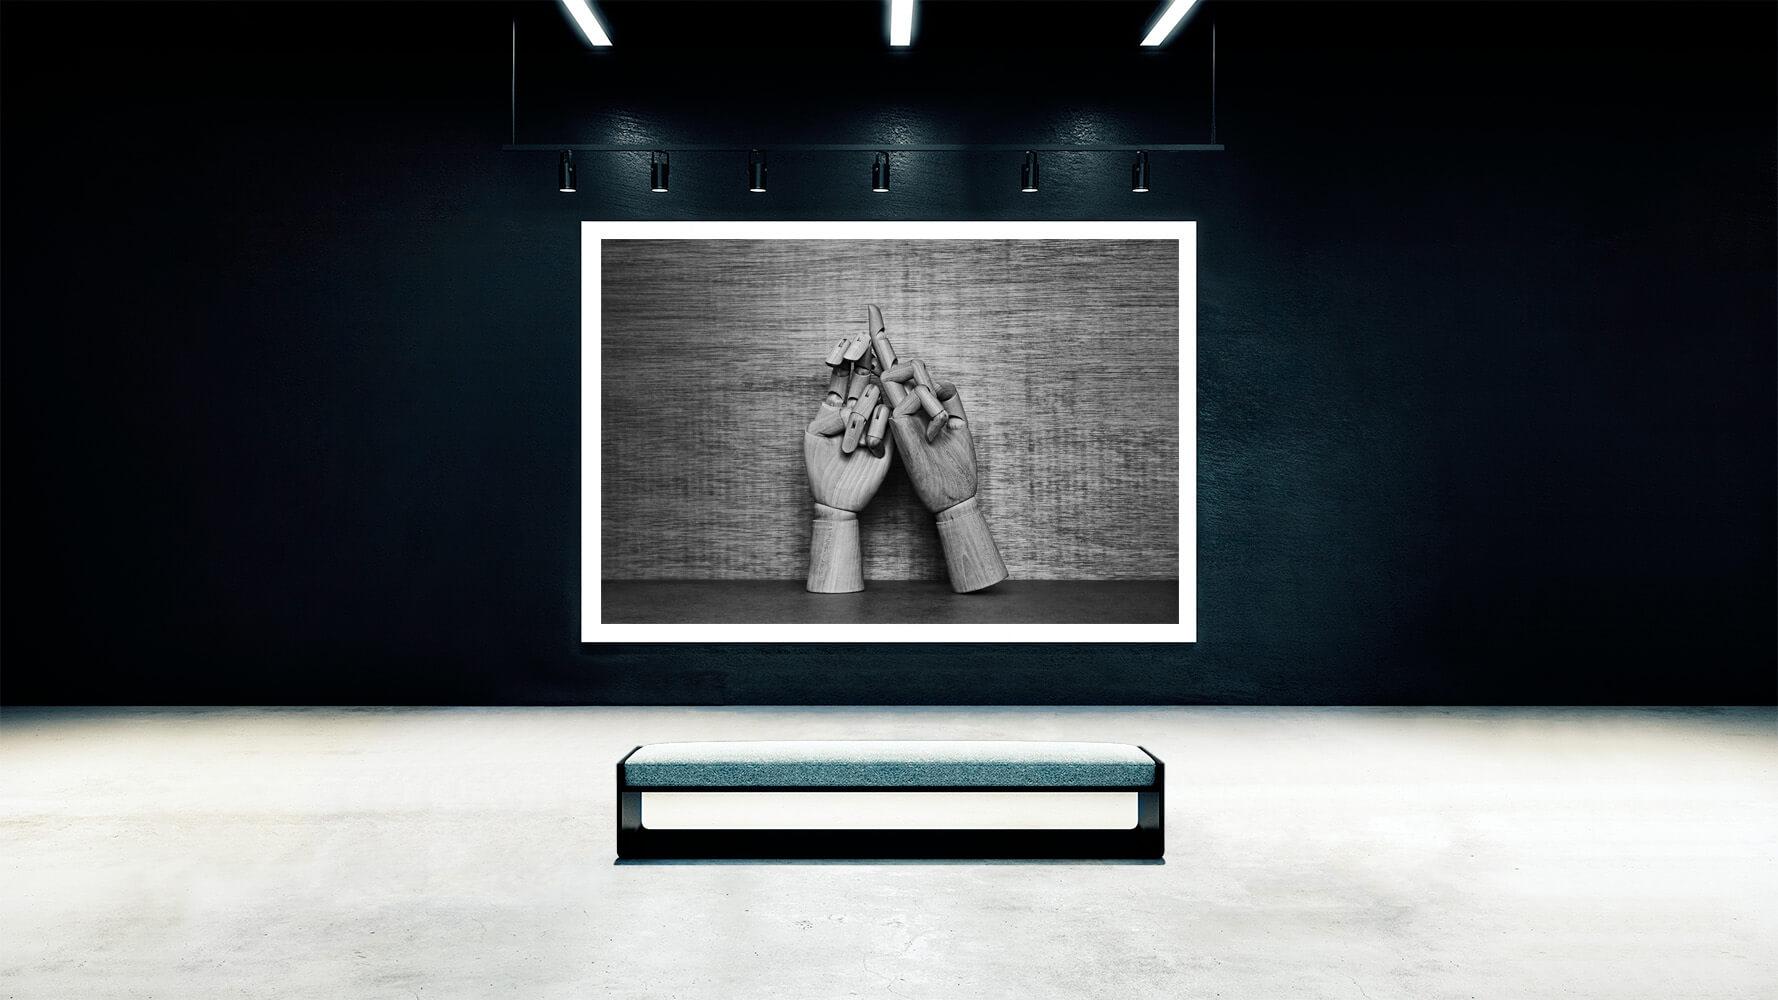 Viktor-van-der-lak-in-love-exposicion-talk-to-me-Horno-Virtual-Gallery-galeria-arte-fotografia-artistica-edicion-limitada-decoracio